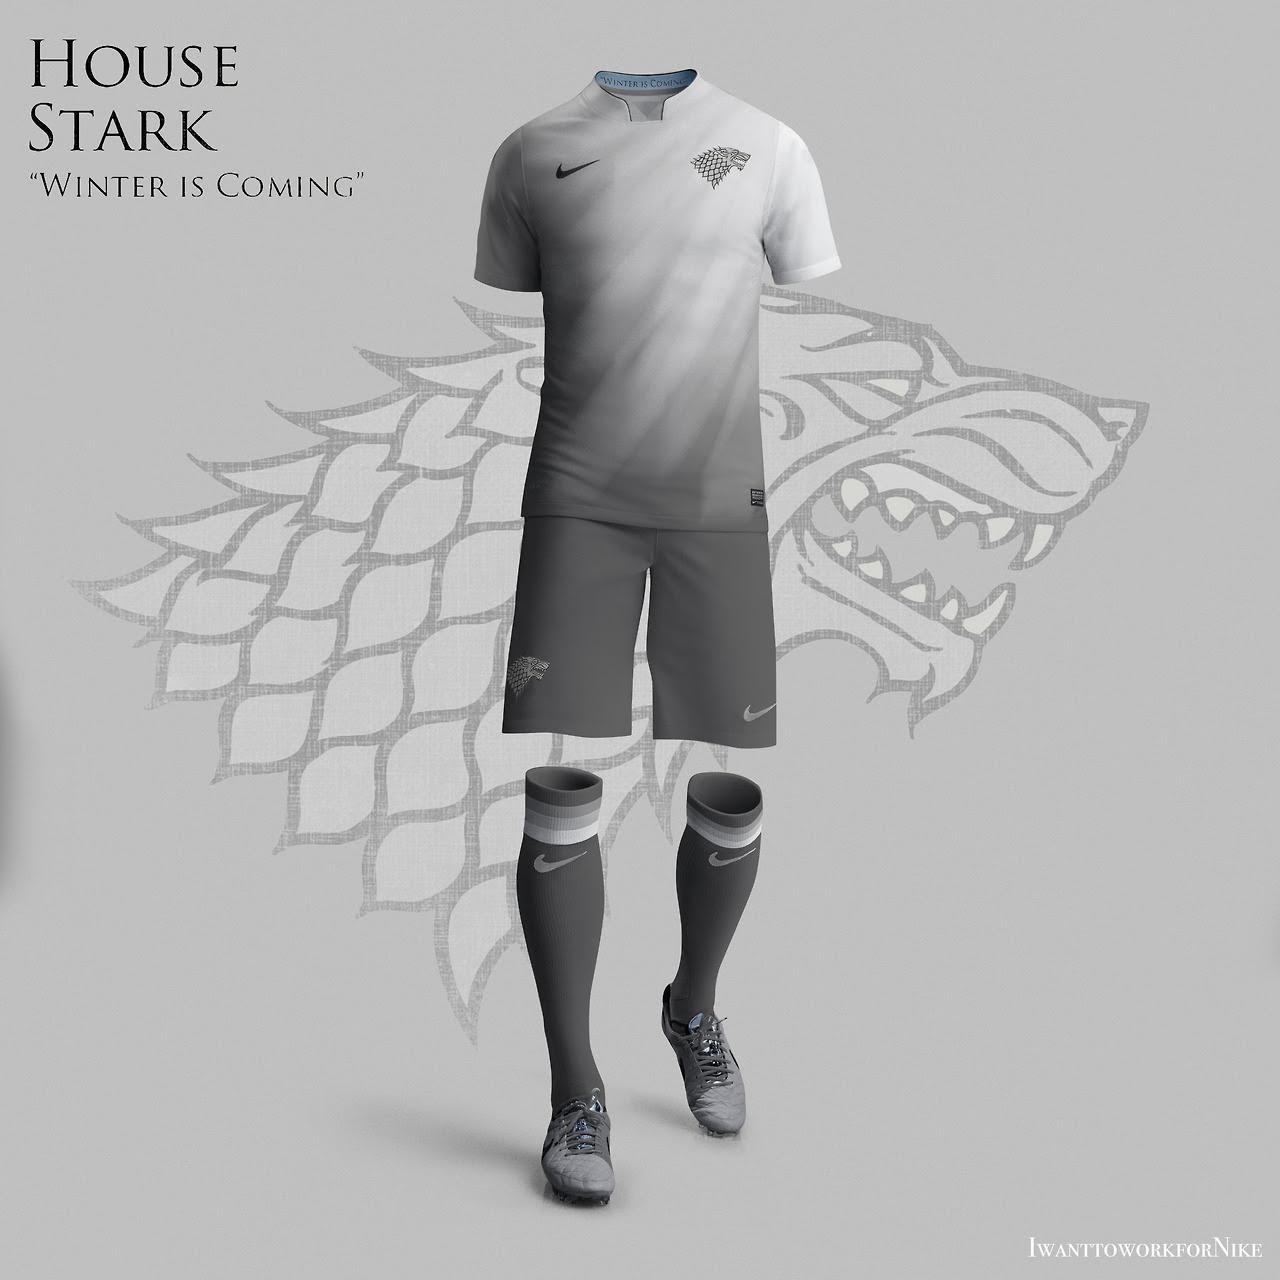 Equipaciones futboleras tipo Juego de Tronos - Stark